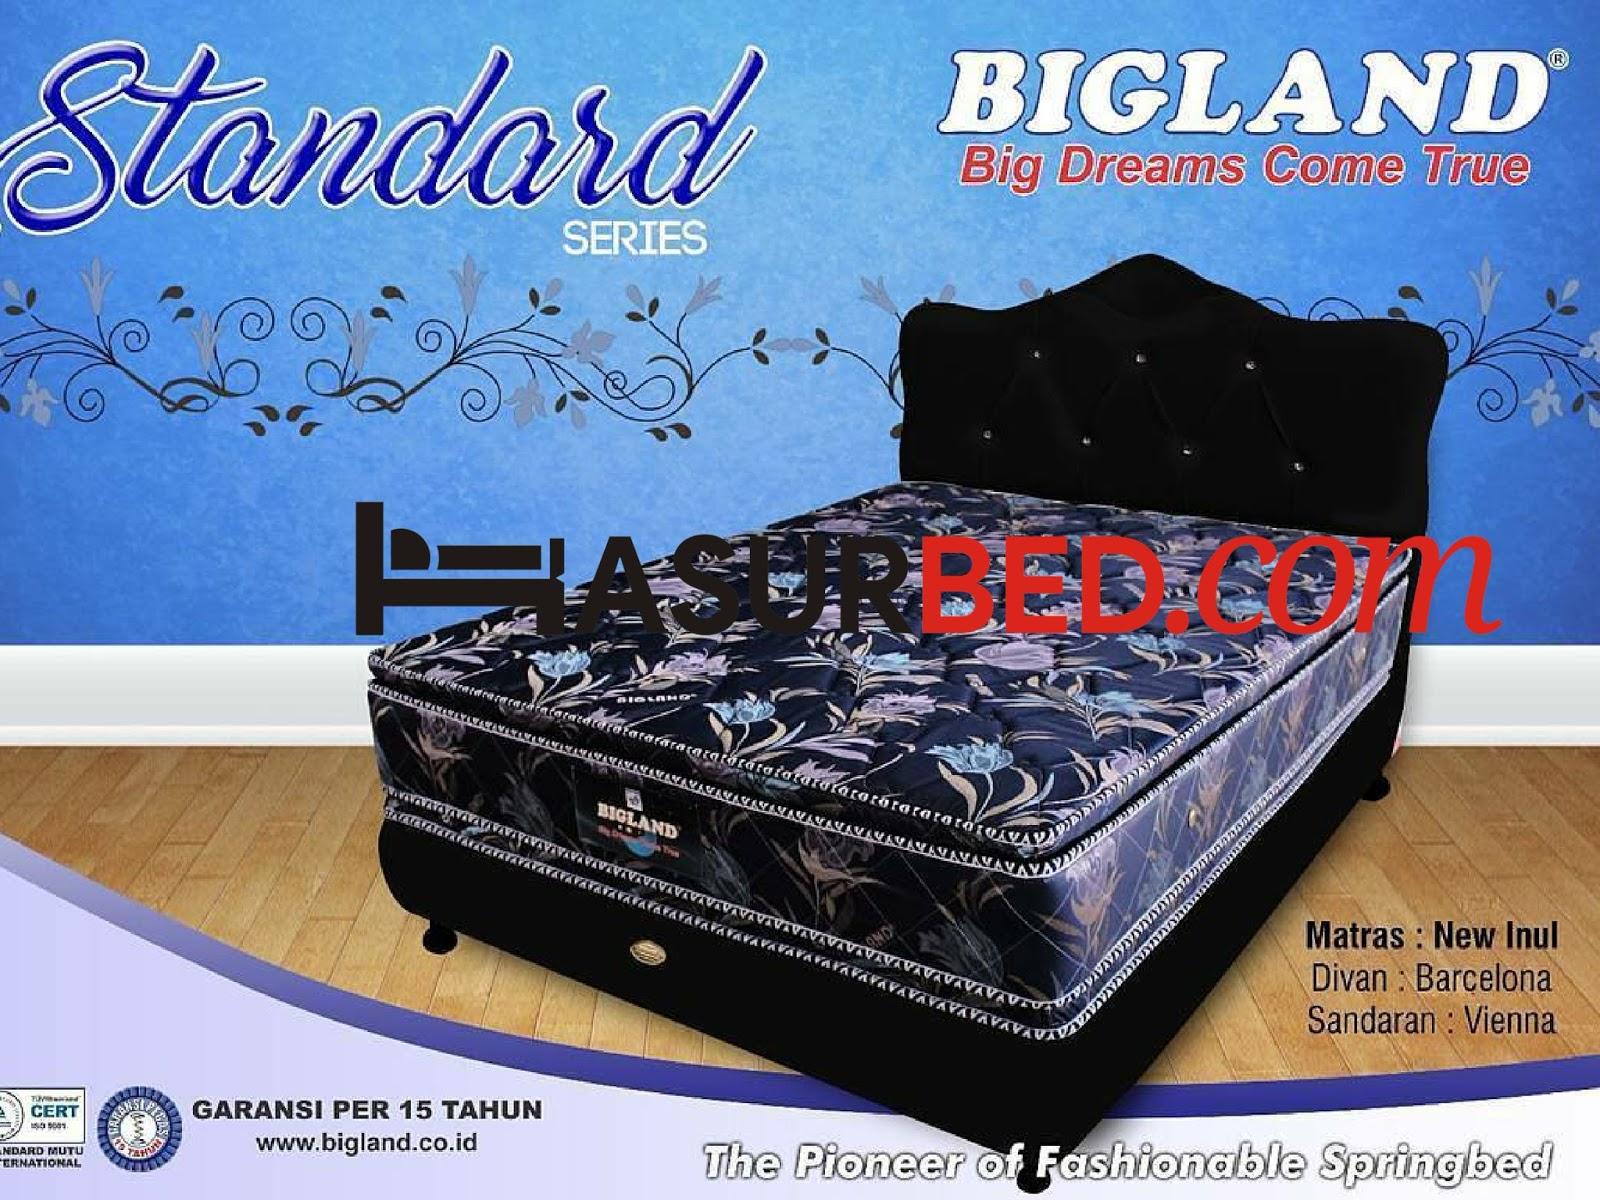 Harga Spring Bed Bigland Standard Series